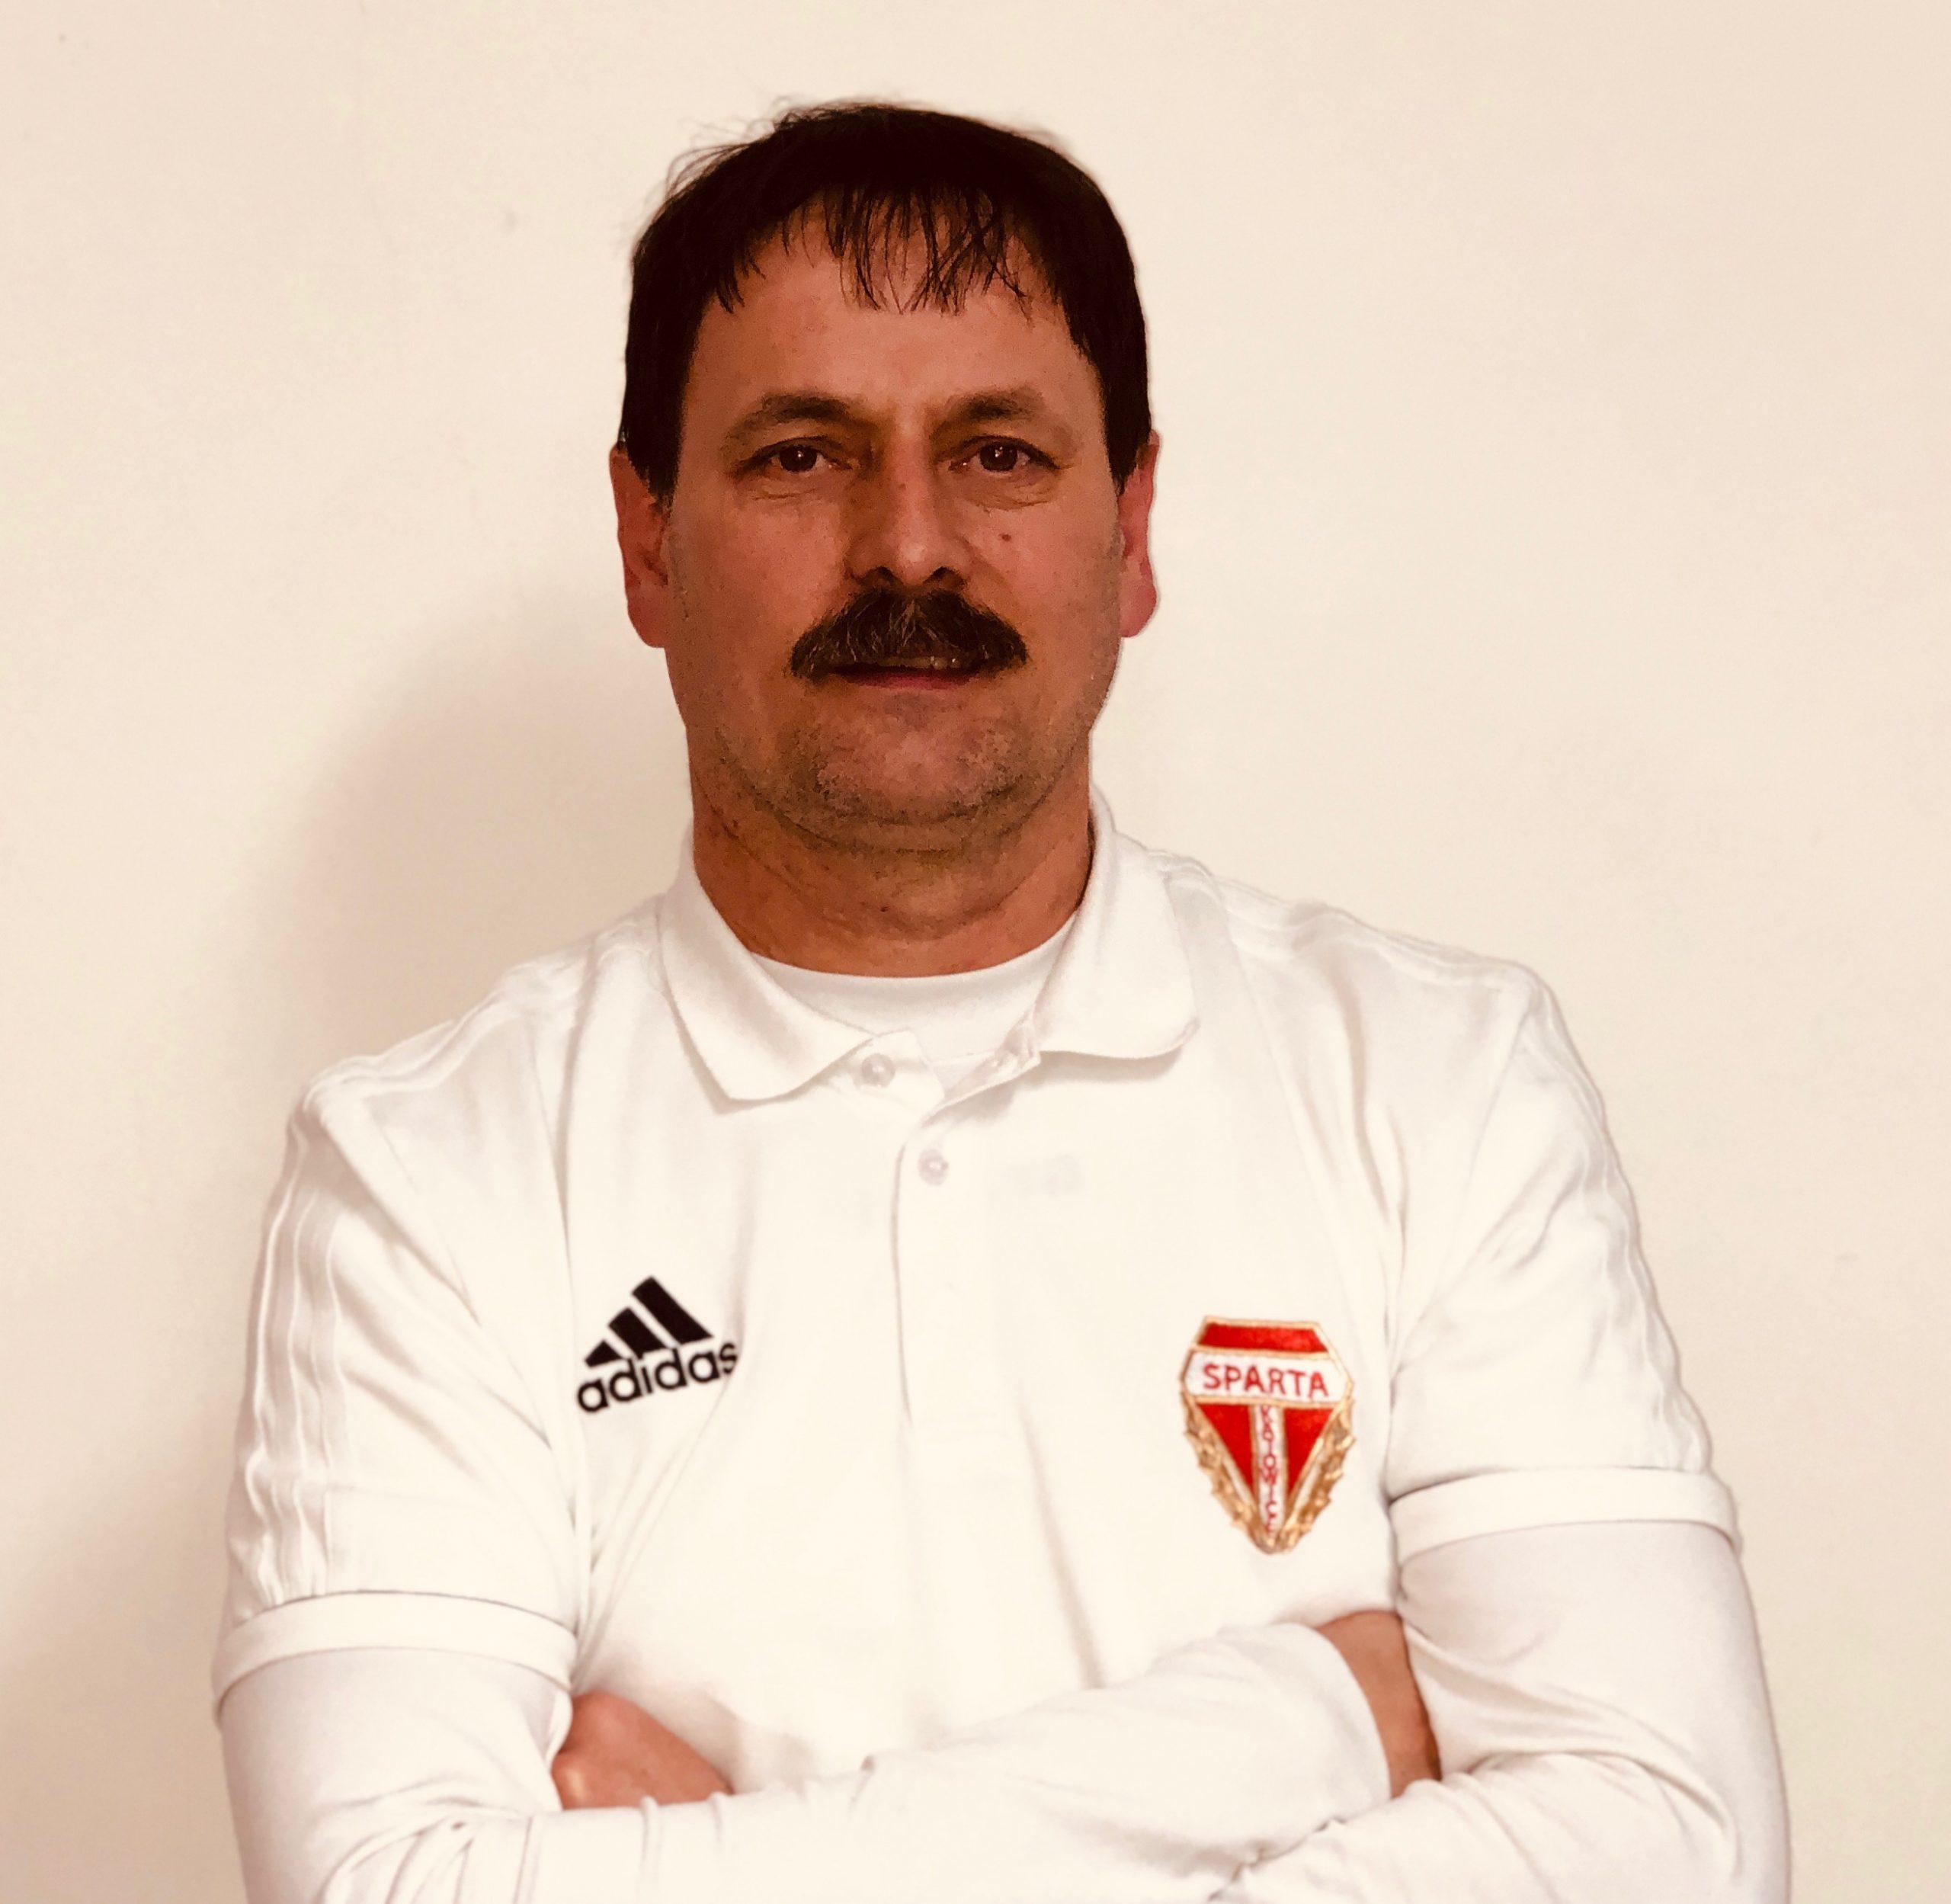 Zdzisław Halicki